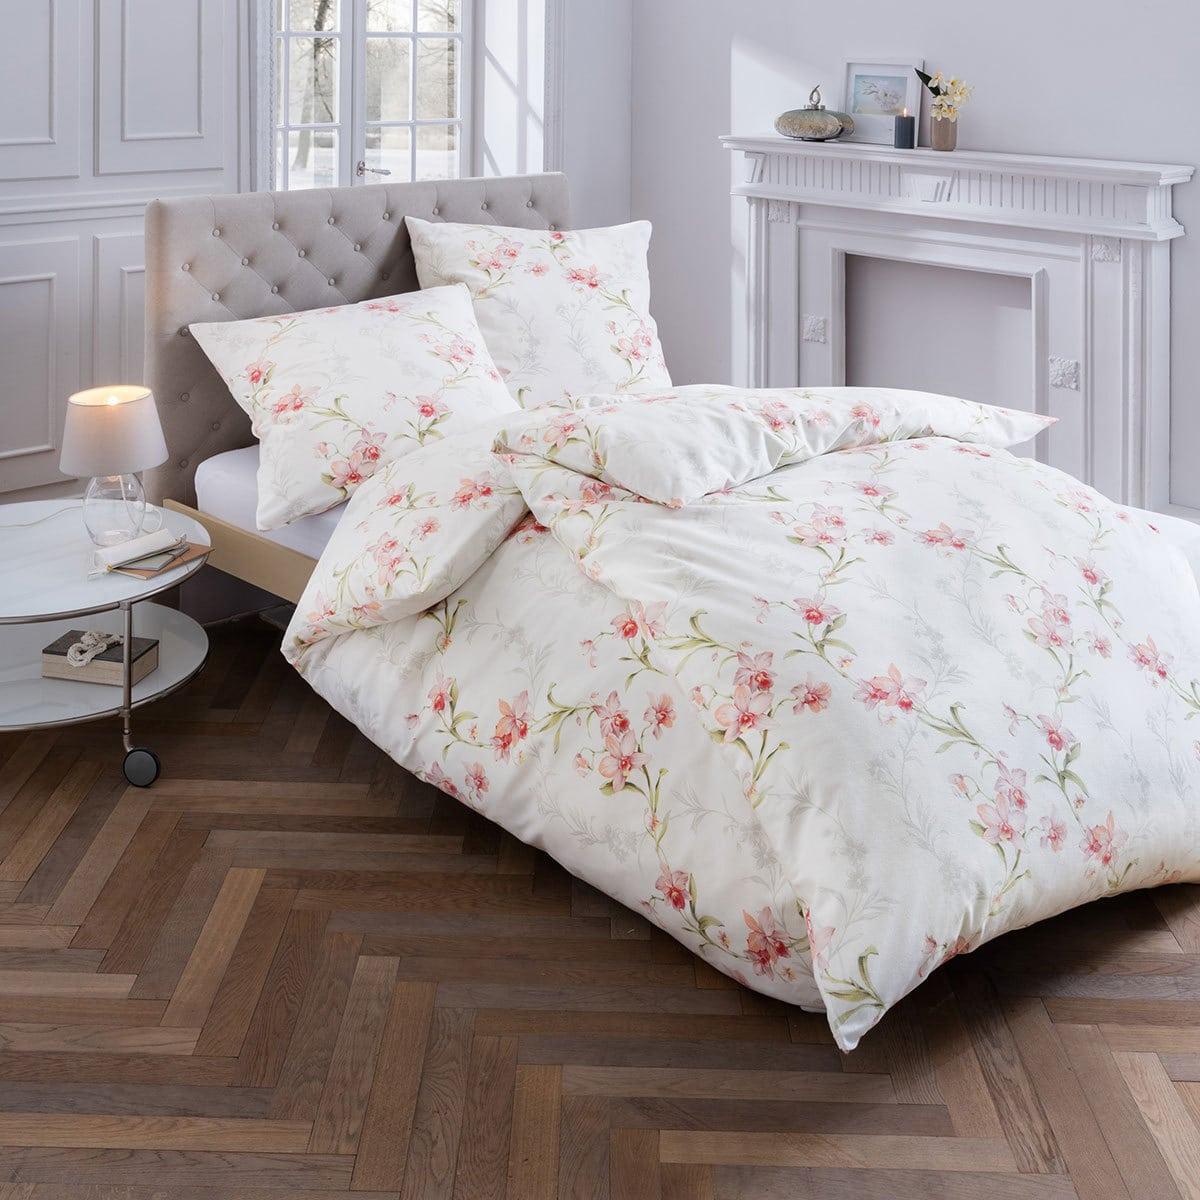 estella feinflanell bettw sche sellrain azalee g nstig online kaufen bei bettwaren shop. Black Bedroom Furniture Sets. Home Design Ideas